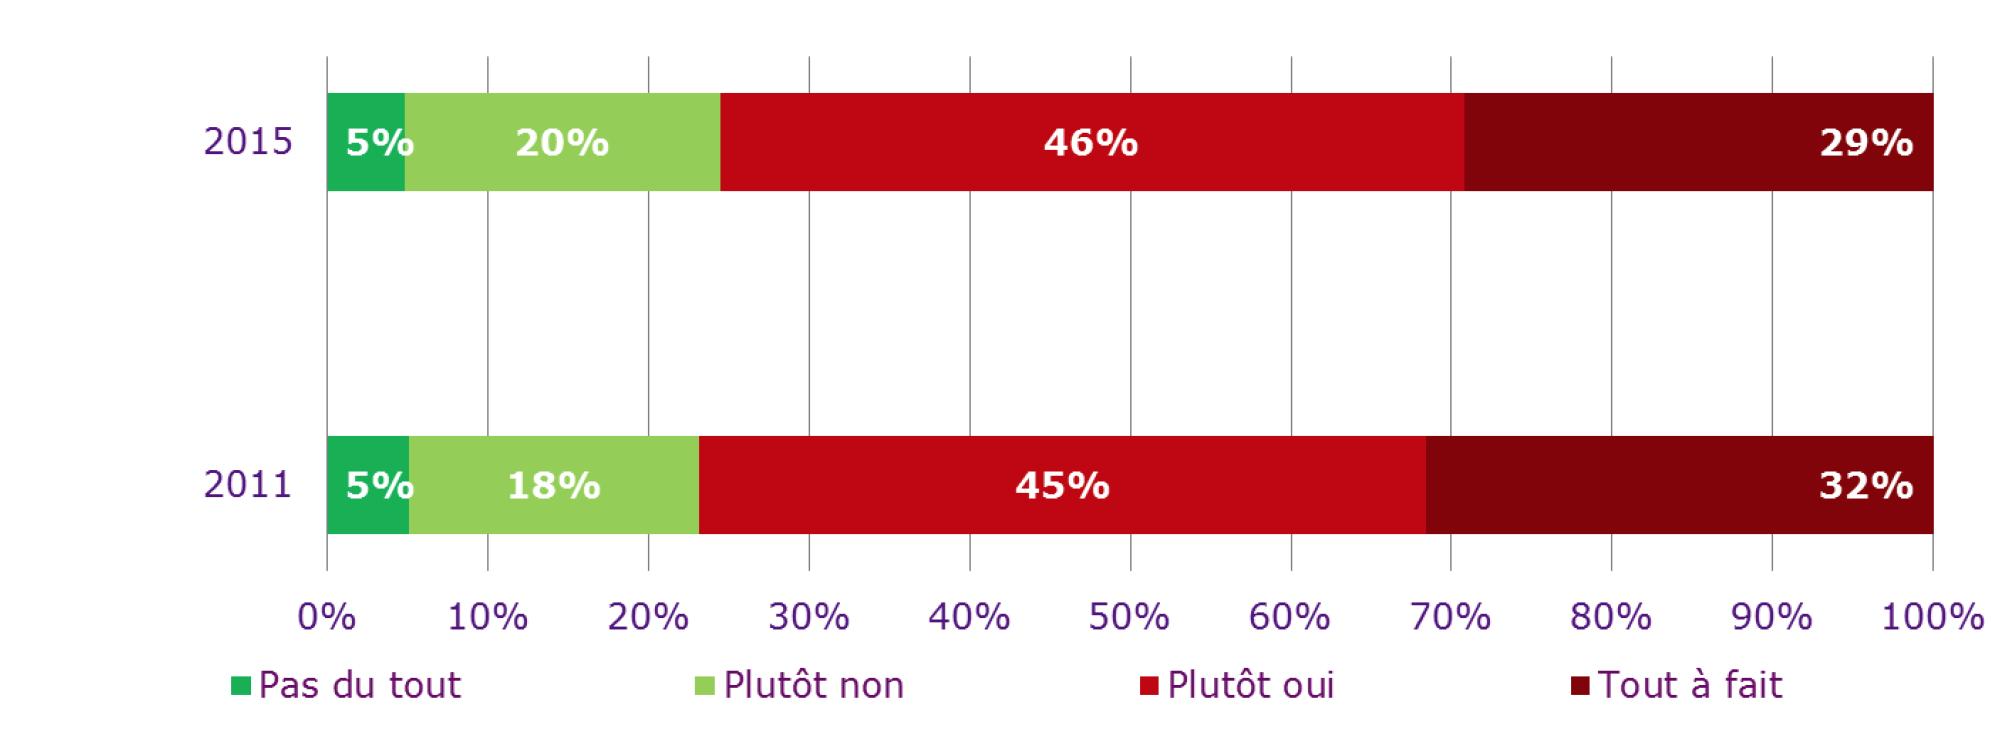 """La corrélation avec le """"travailler plus vite, de plus en plus vite"""" est évidente : d'un côté 75% des journalistes qui ressentent une exigence croissante du travail, de l'autre 81% de journalistes évoquant une pression temporelle de plus en plus forte"""